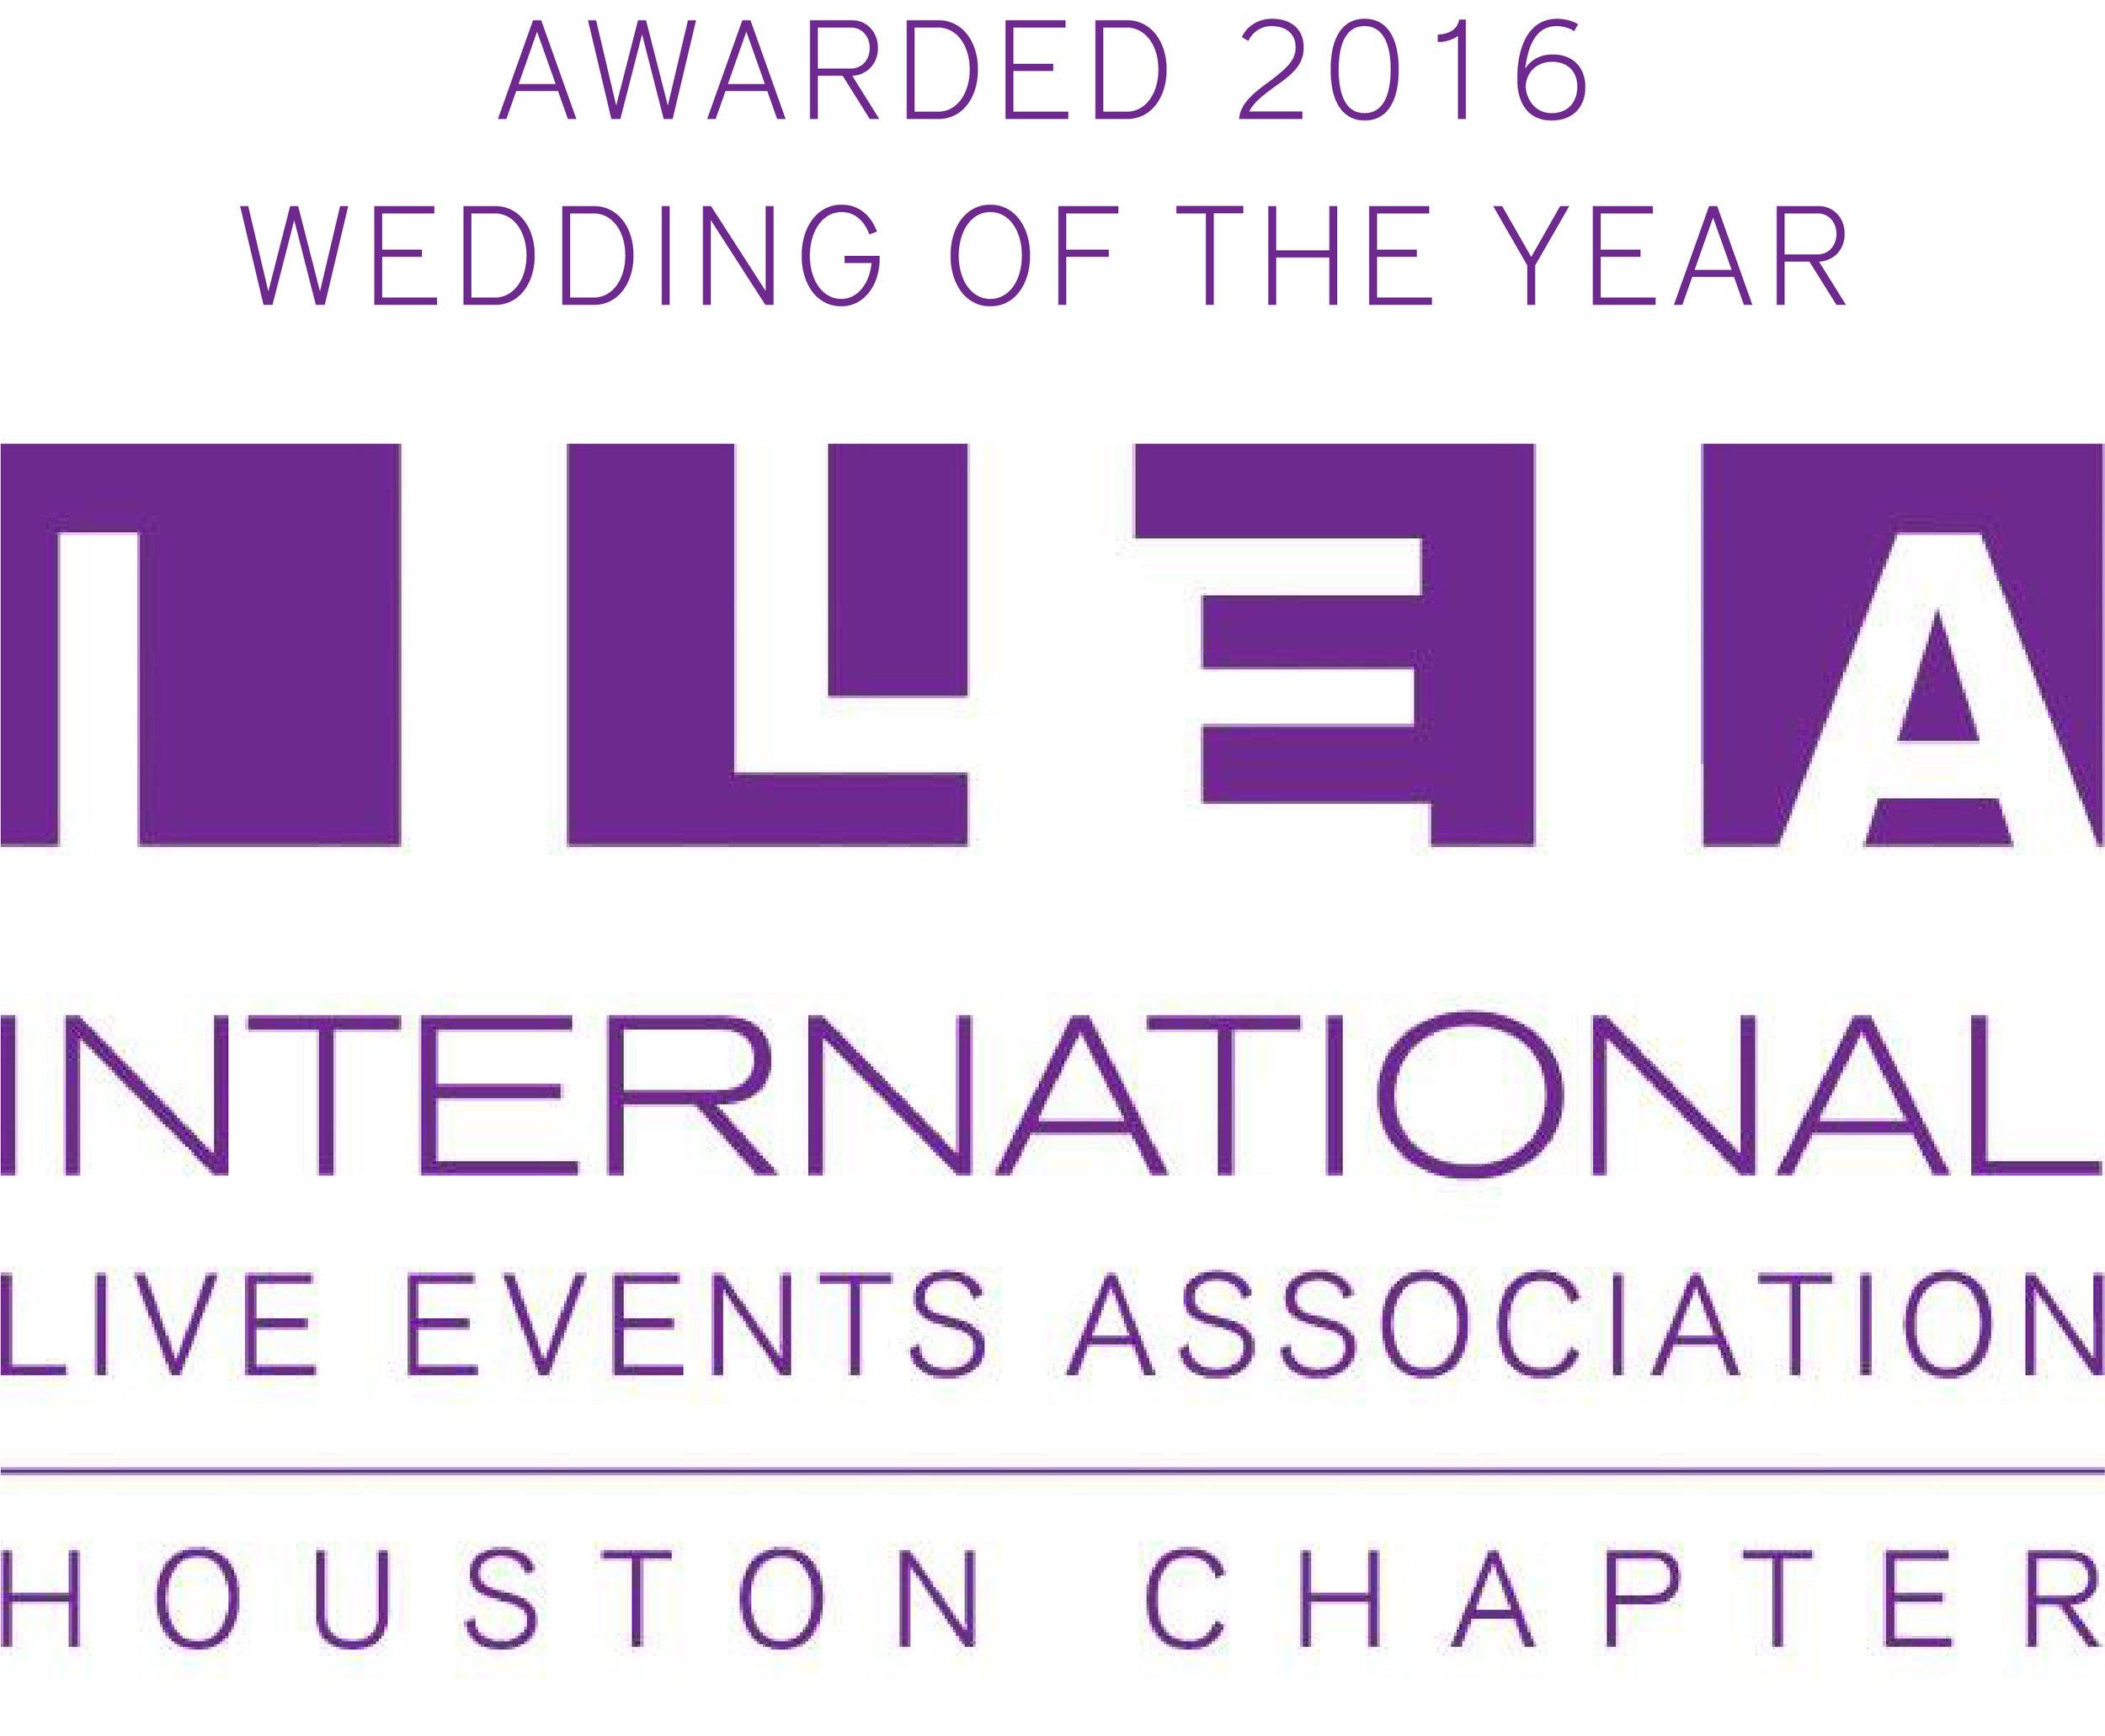 ILEA_Houston_Chapter_Award_2016.jpg